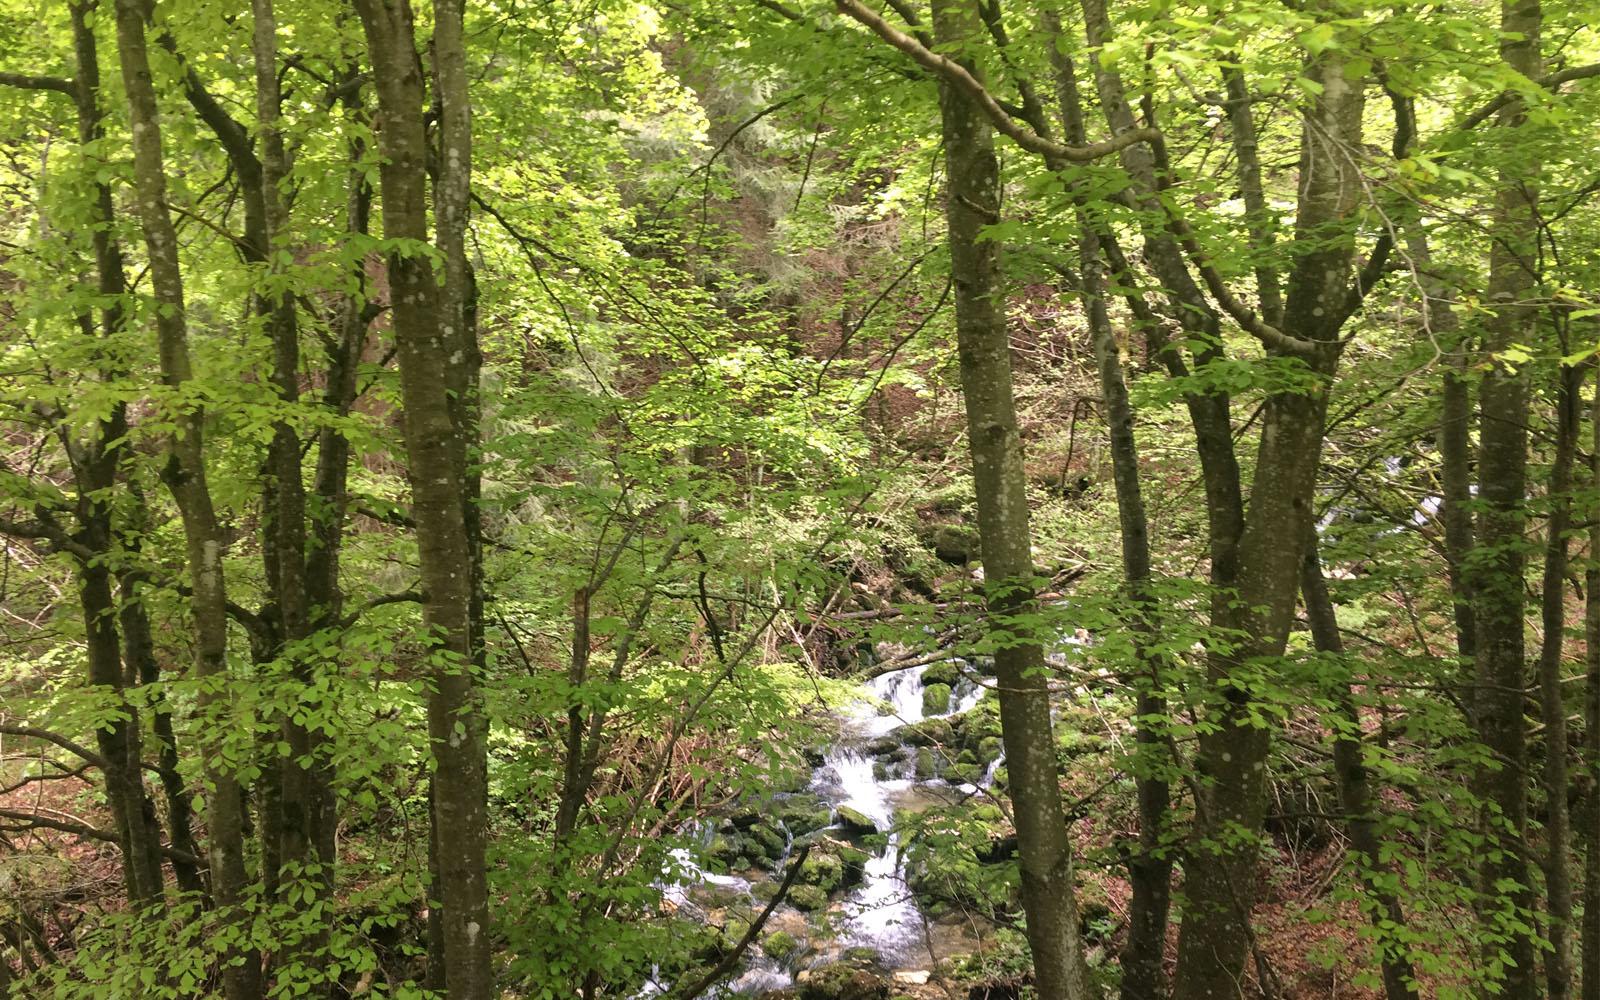 Un bosco di faggi, paesaggio tipico del Monte Baldo.